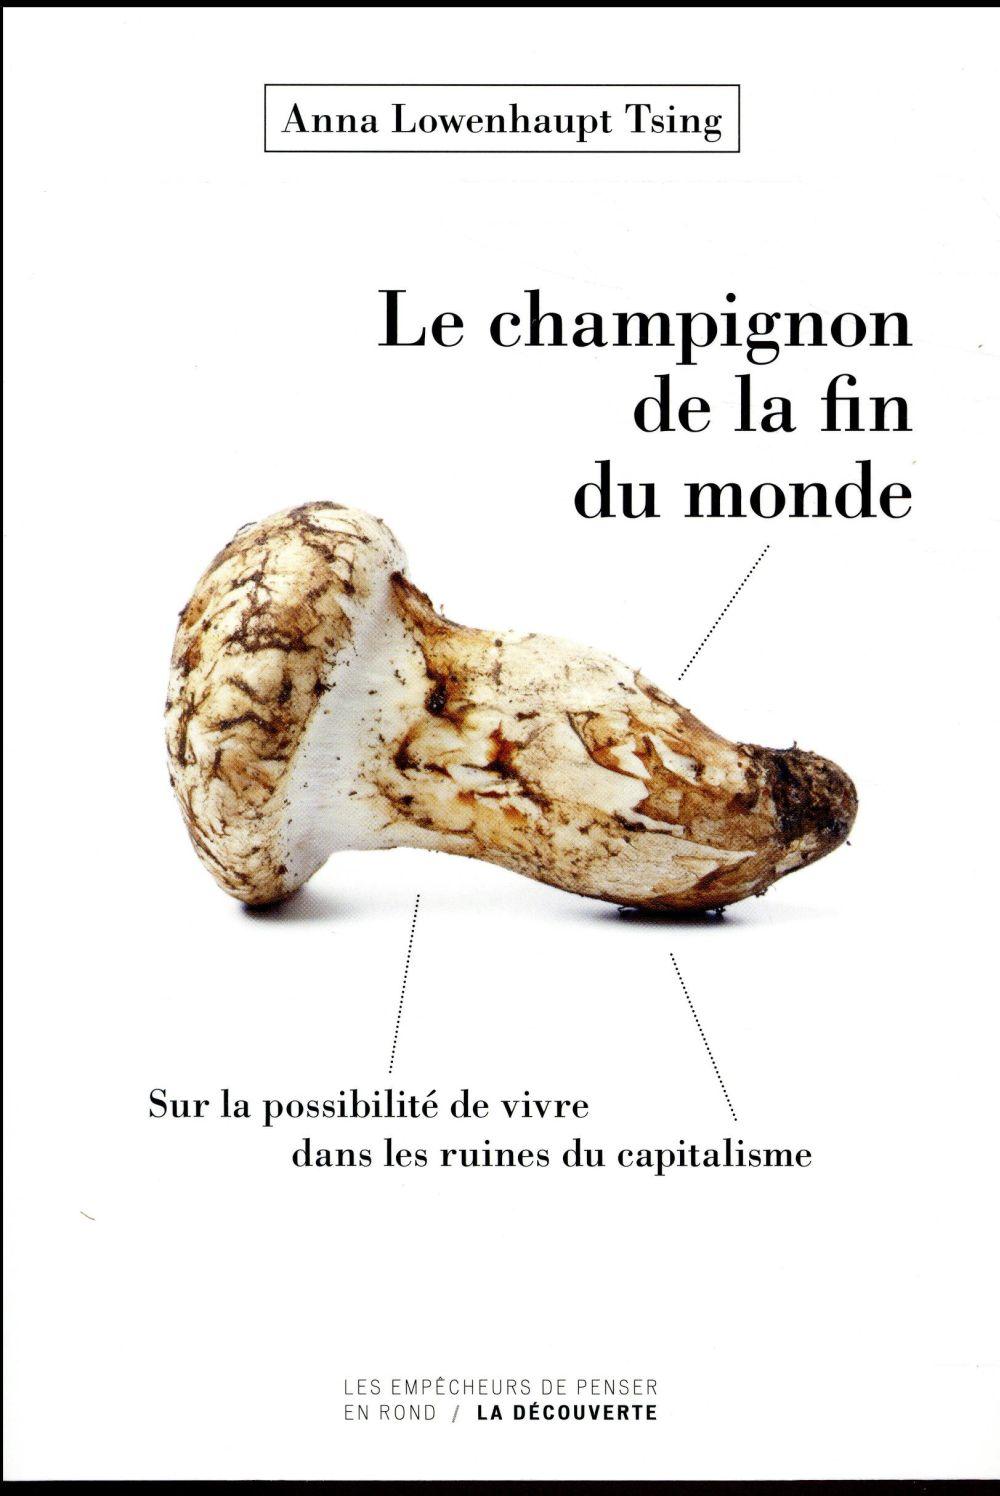 LE CHAMPIGNON DE LA FIN DU MONDE